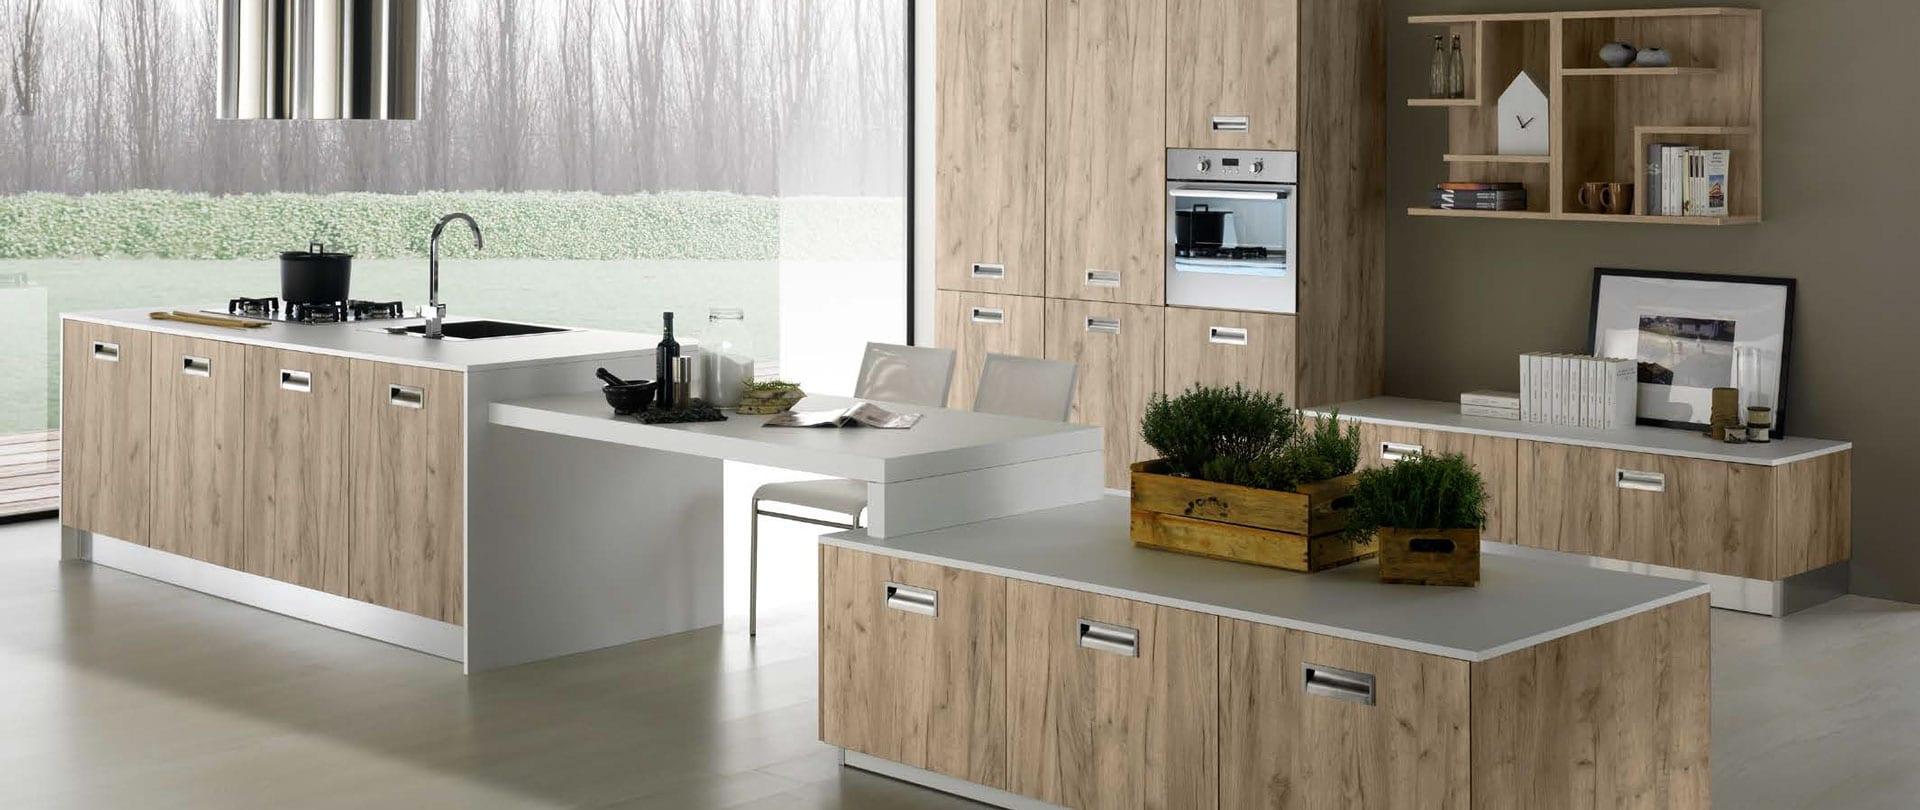 03 cucina moderna nevada 1